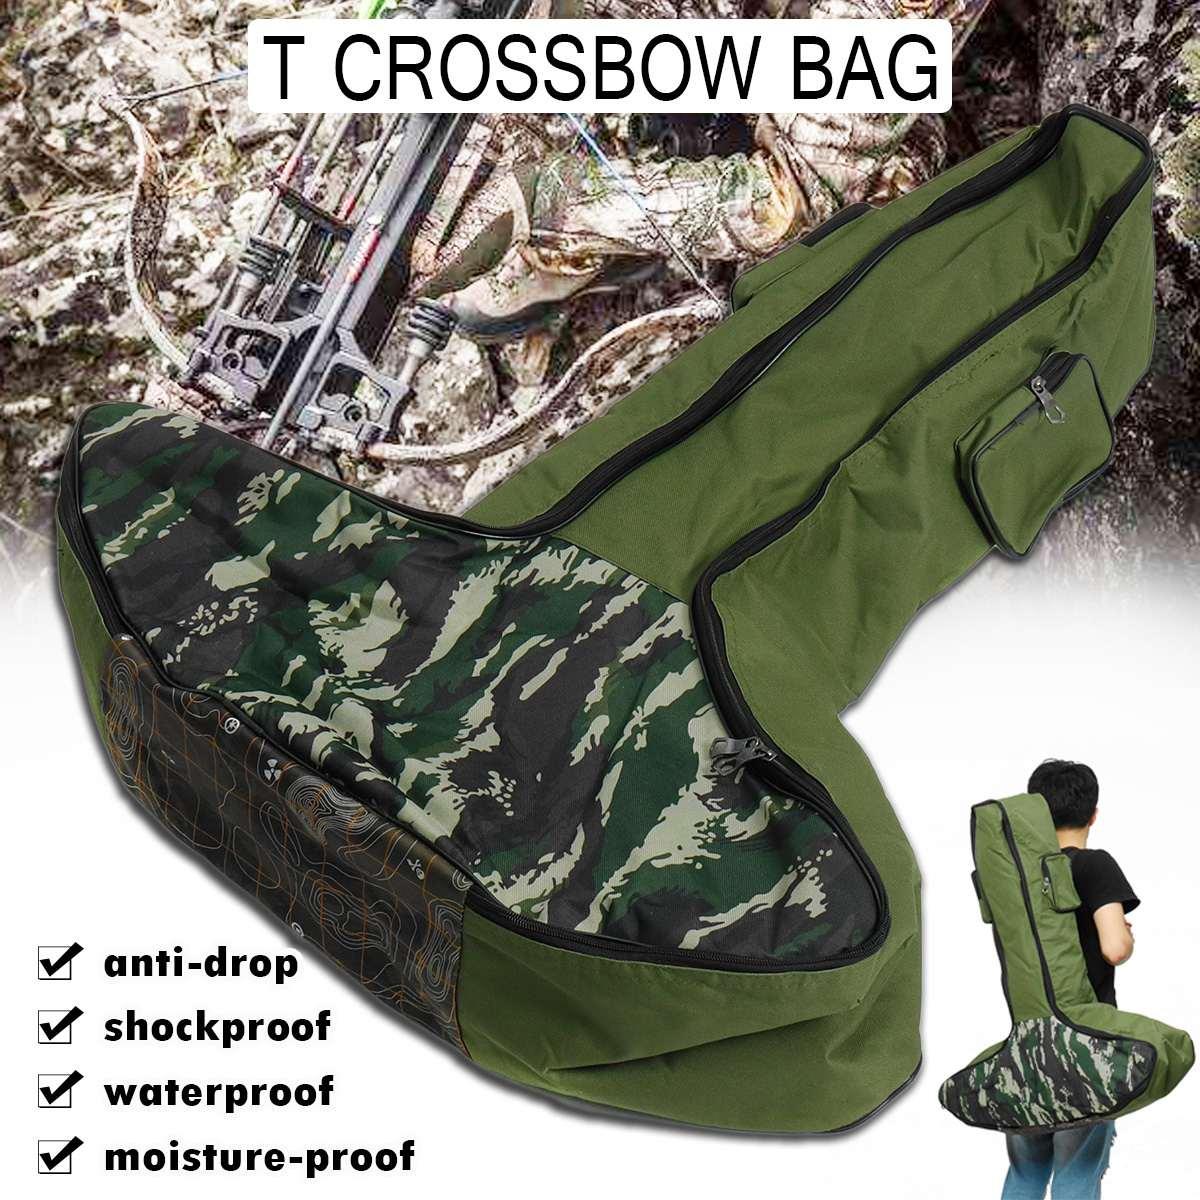 US $19.43 15% СКИДКА|Портативный держатель для сумки с Т образным поперечным бантом, удобный для переноски рюкзак с бантом на плече, протектор для стрельбы с арбалетом для охоты y|Лук и стрела| |  - AliExpress